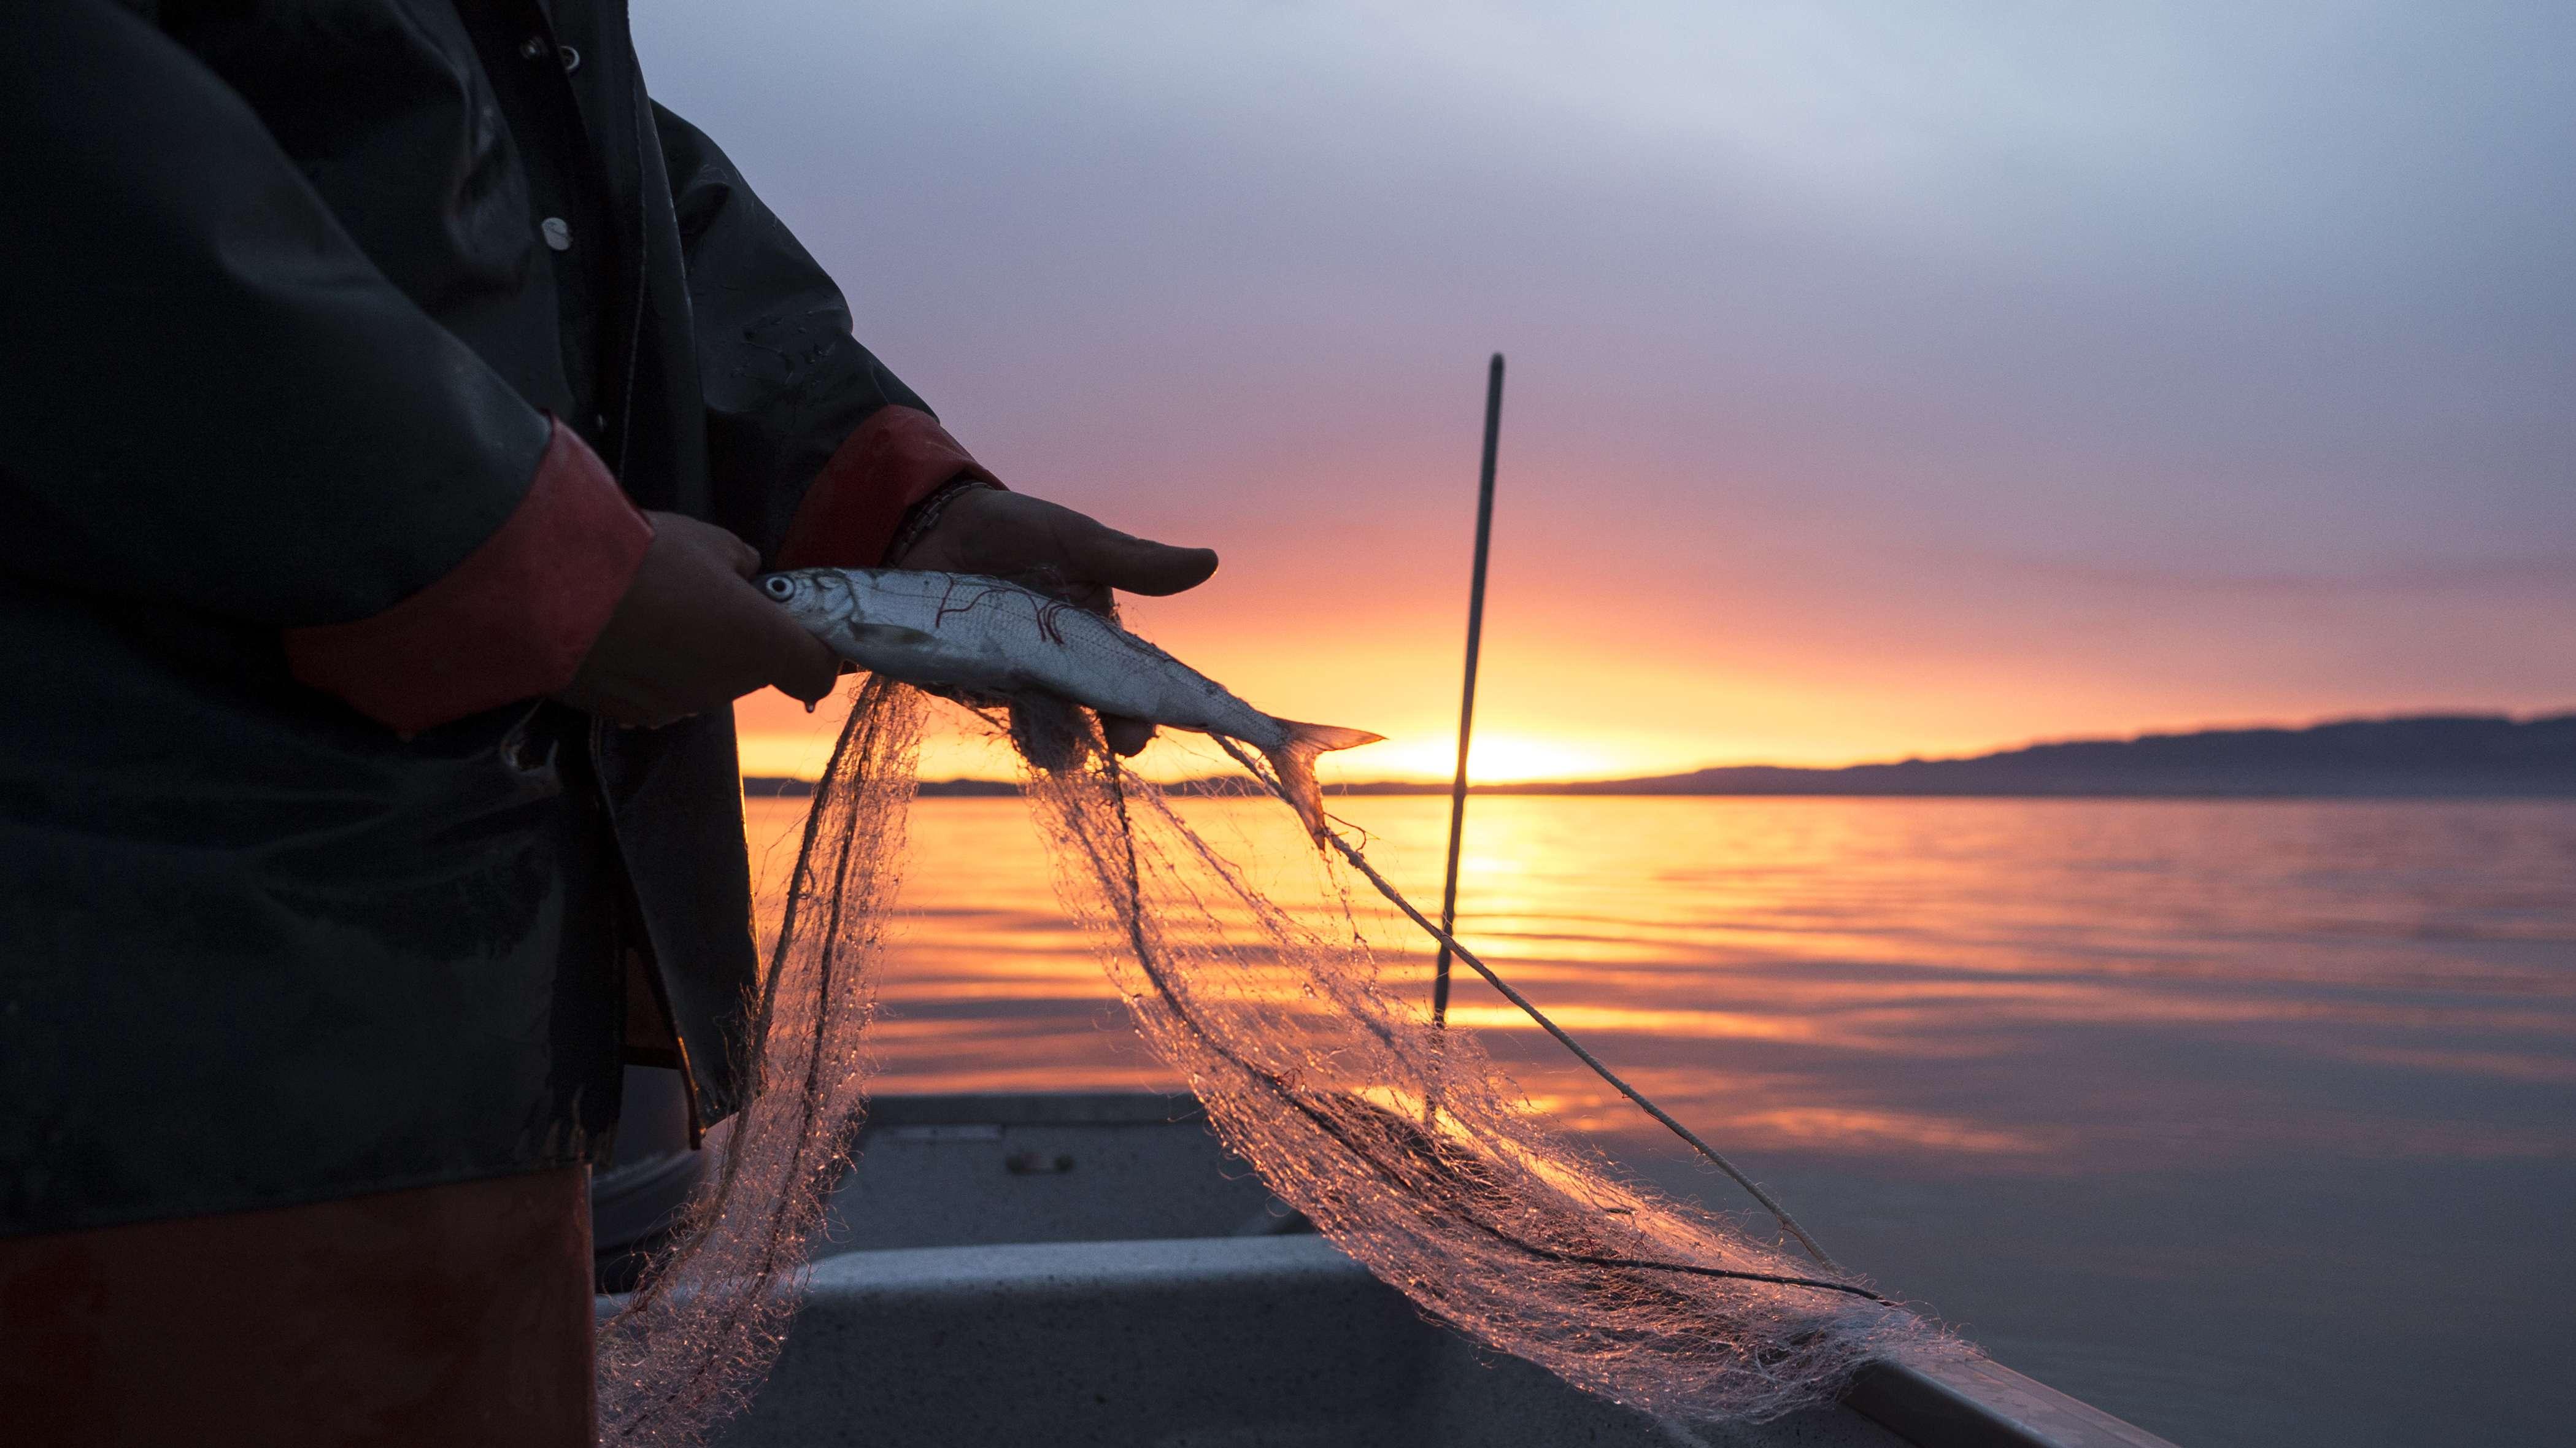 Ein Fischer mit einem Felchen vor aufgehender Sonne.